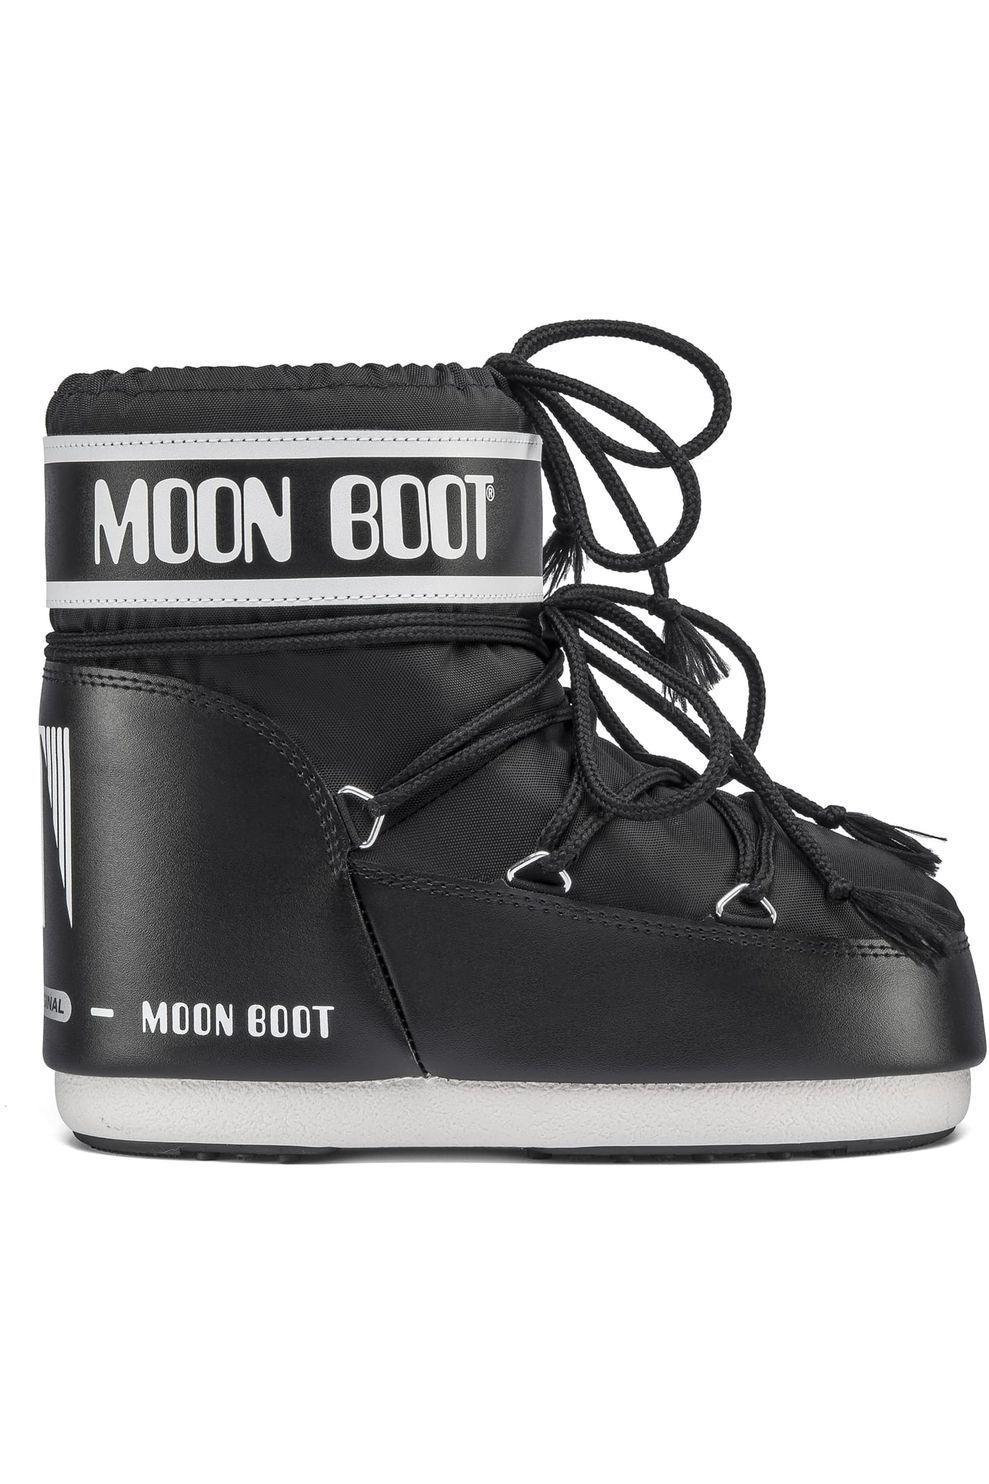 Moon Boot Moonboot Classic Low - Zwart - Maten: 33/35, 36/38, 39/41